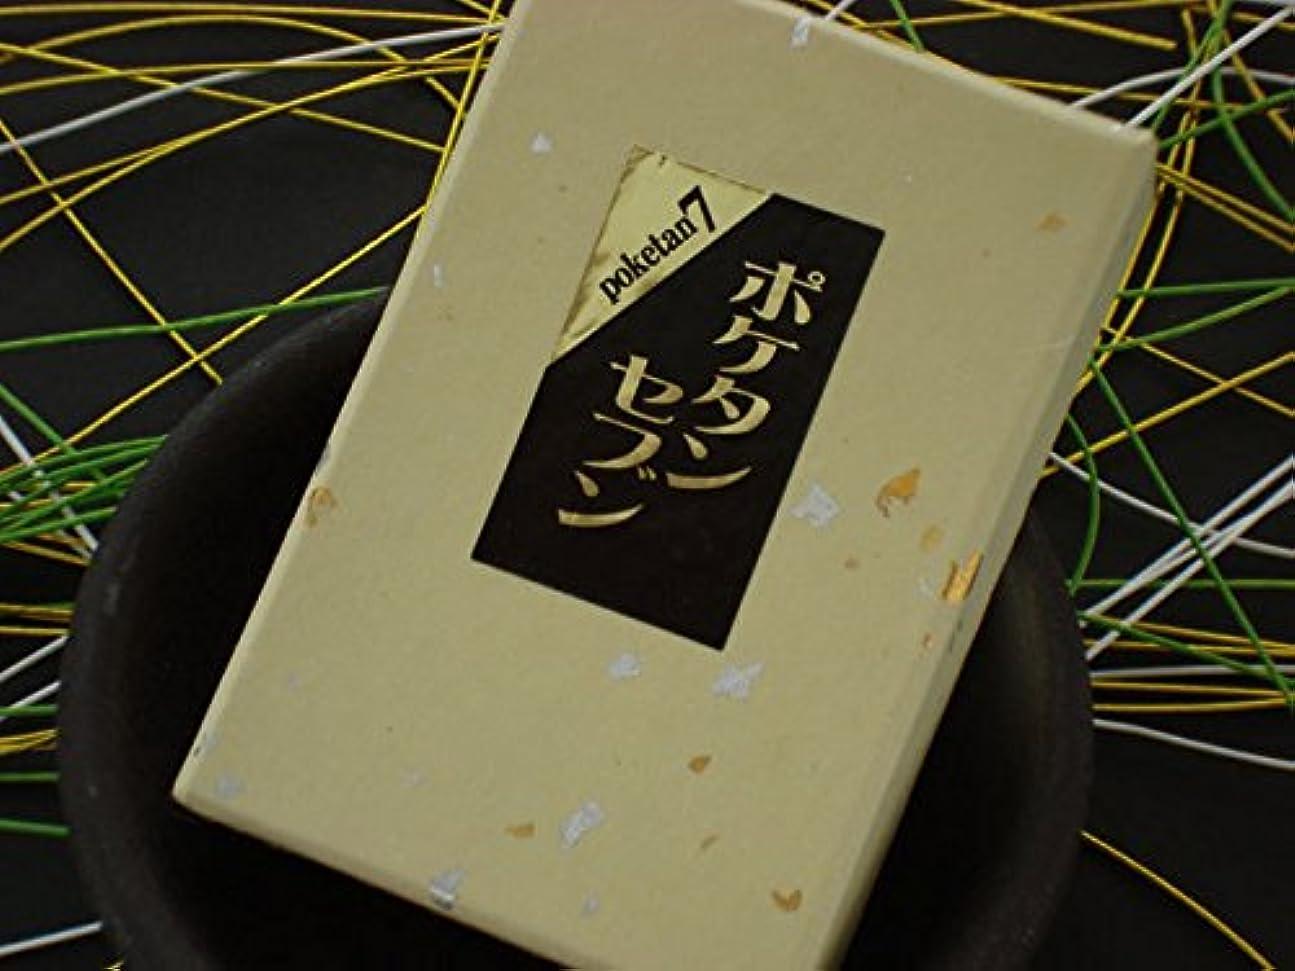 一掃するクリック過去1000円ポッキリ ポケタンセブン 【スティック】 7種の香り 【お香】